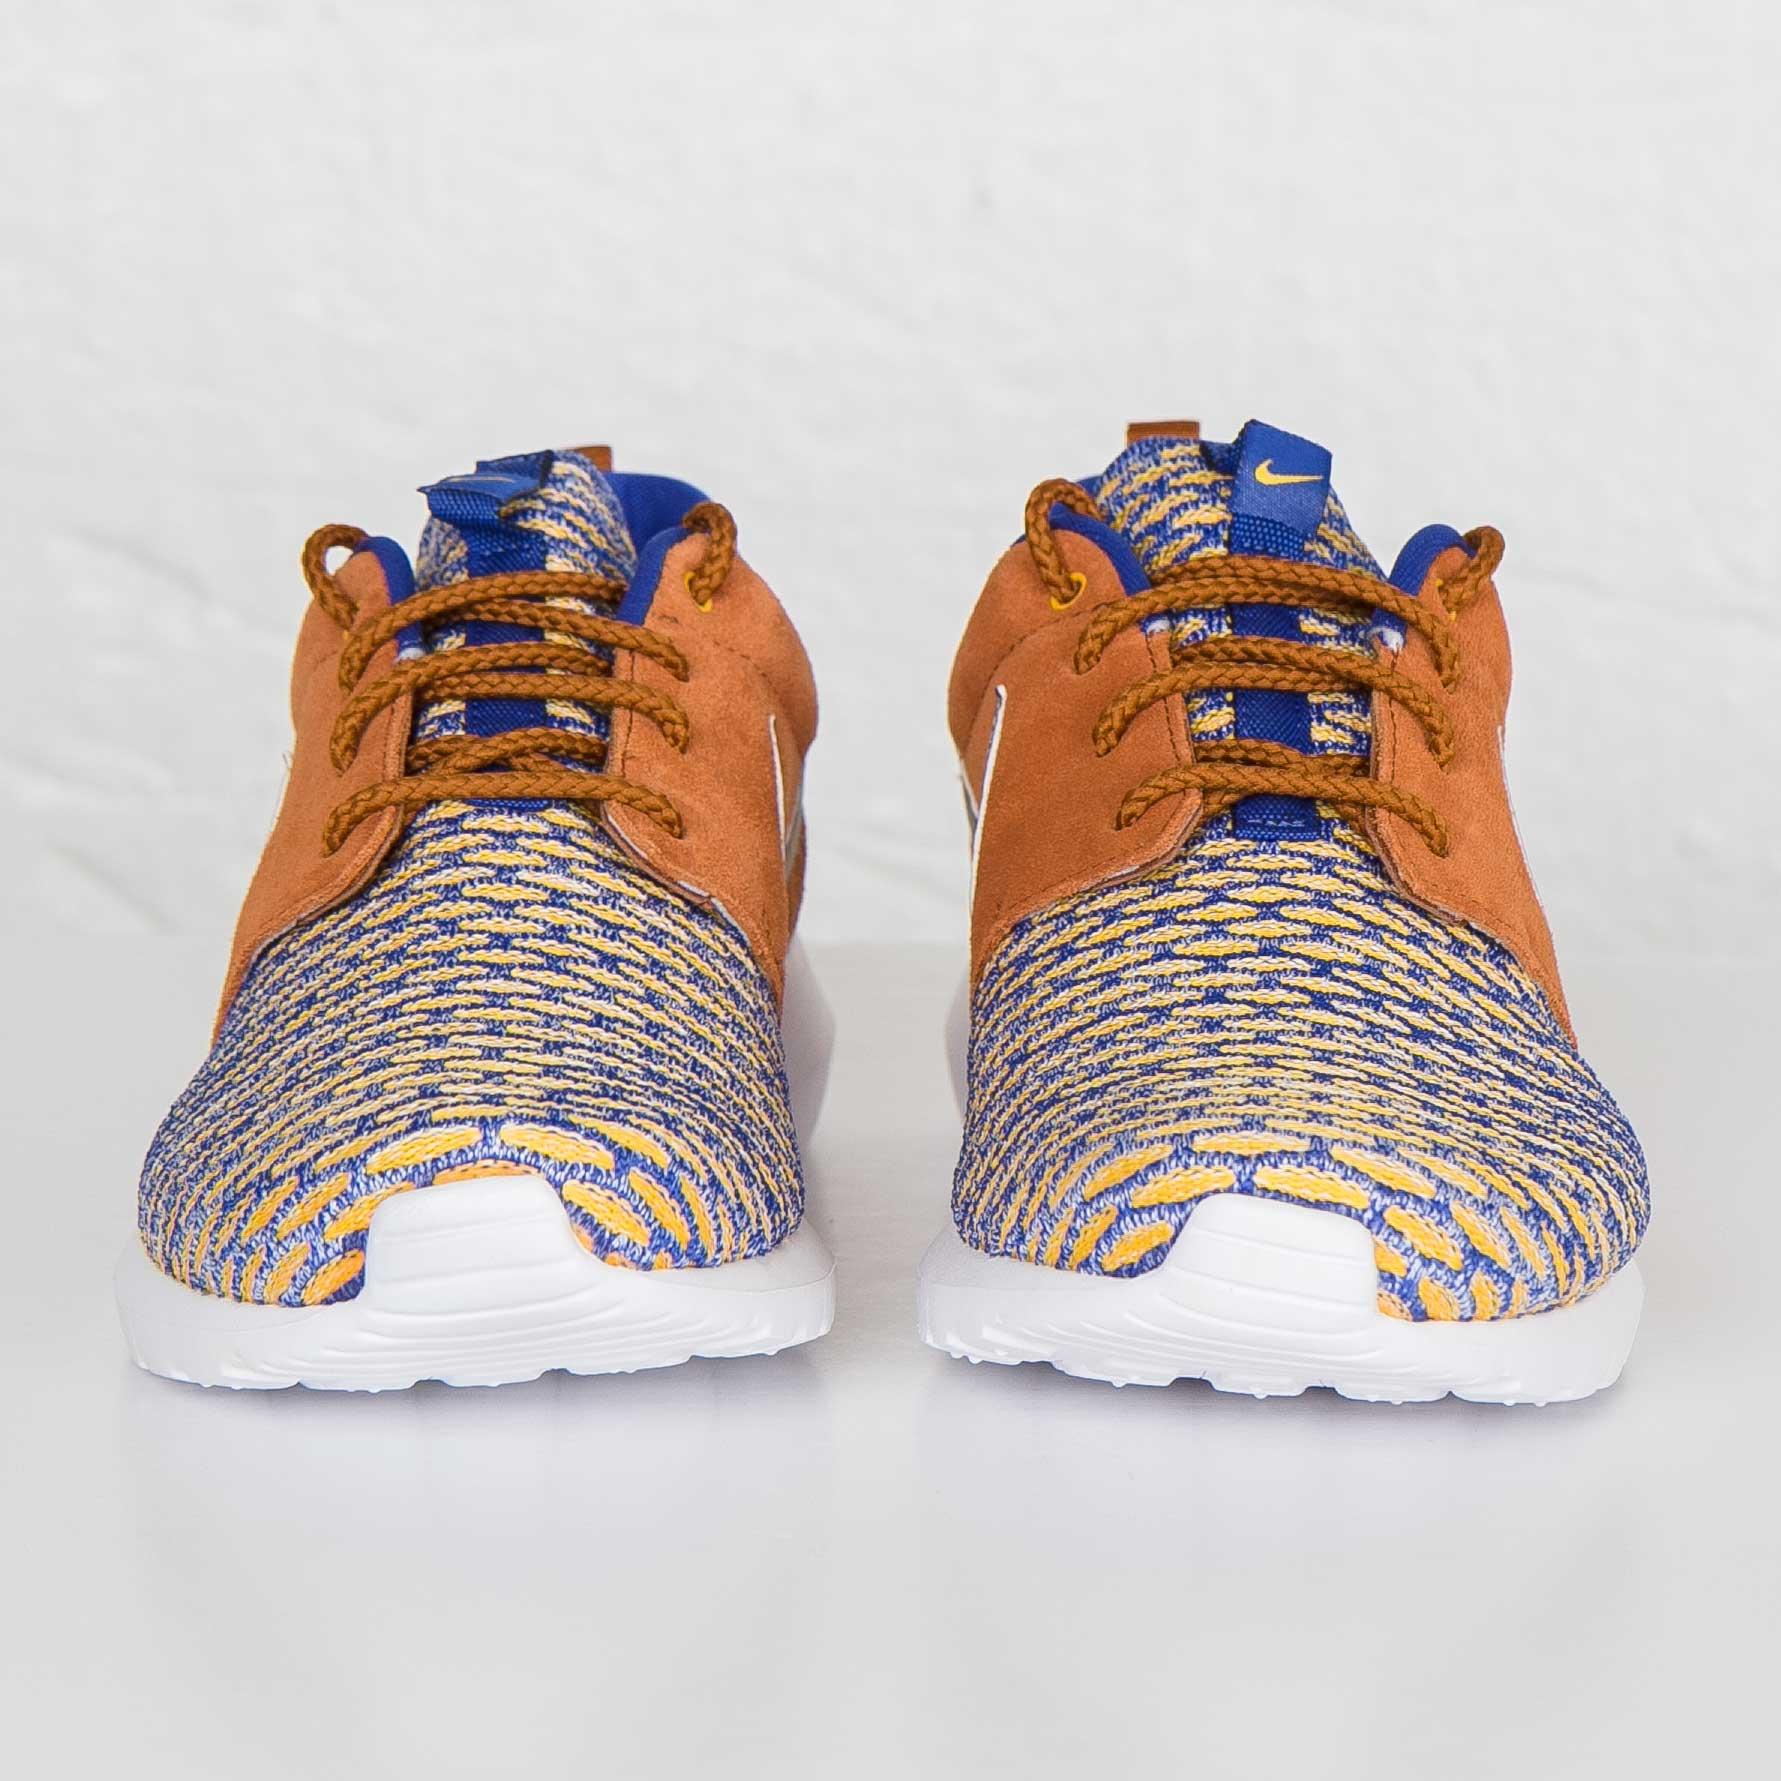 info for 85886 b4949 Nike Roshe NM Flyknit Premium - 746825-402 - Sneakersnstuff   sneakers    streetwear online since 1999